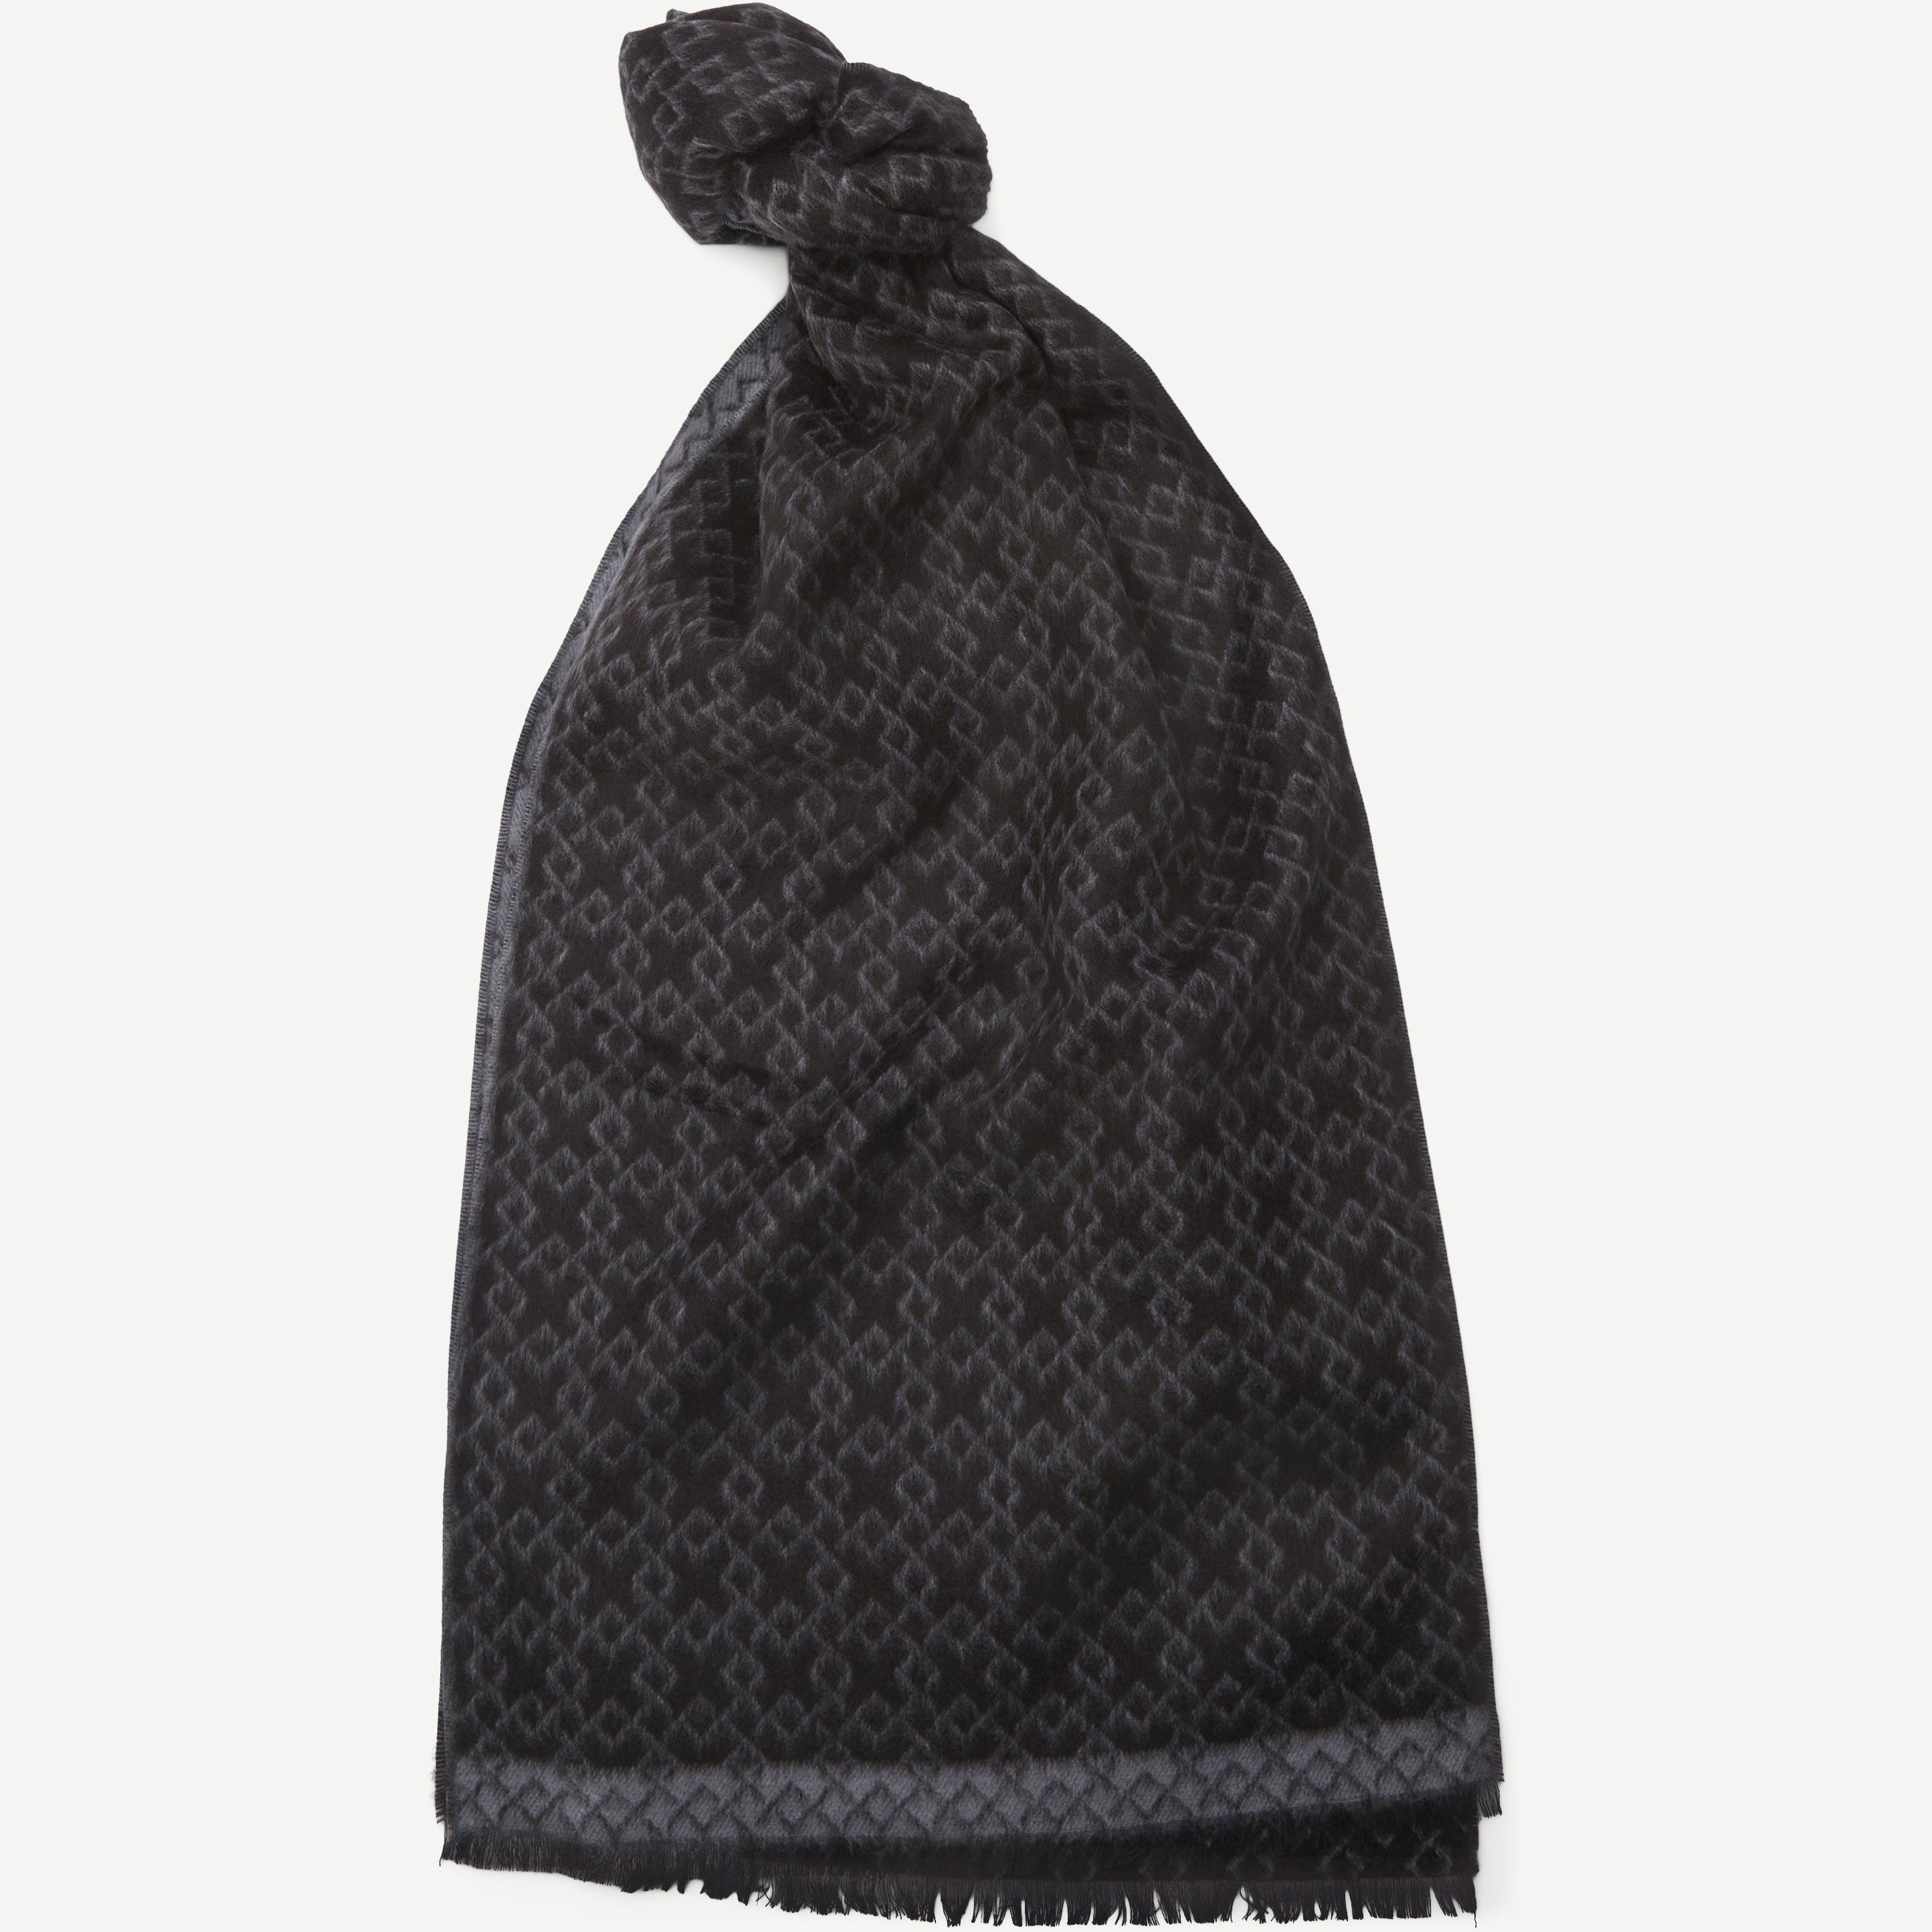 Bilbao Halstørklæde - Halsdukar - Svart